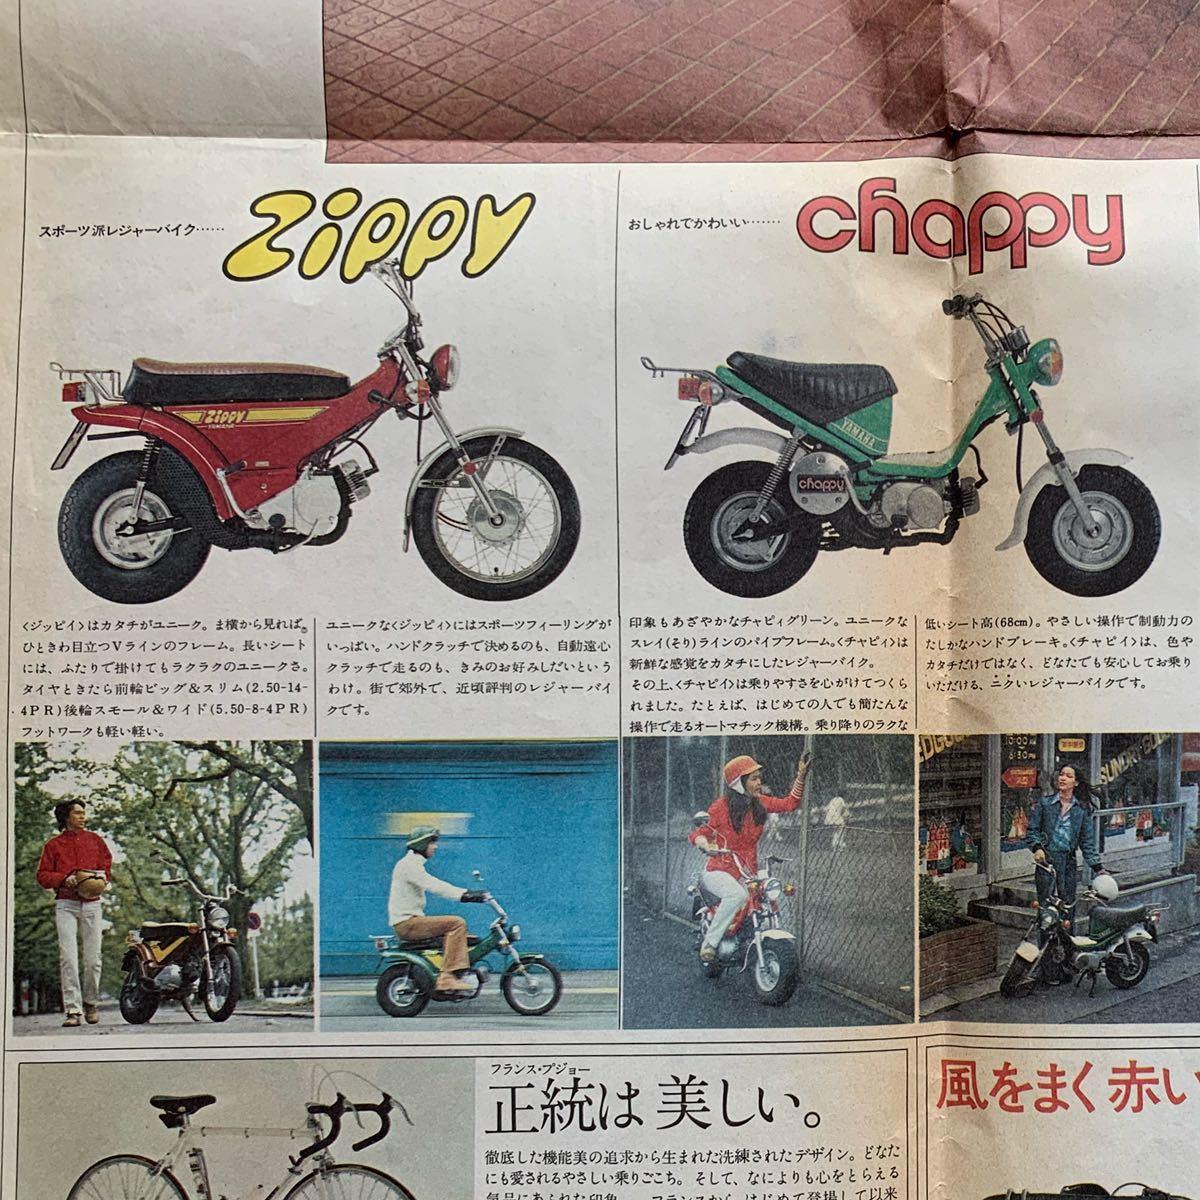 送料込み♪折って発送!1973年11月1日発行 ヤマハ YAMAHA 当時物 旧車 カタログ ジャンクです! ホンダ カワサキ バイク オートバイ 単車_画像9